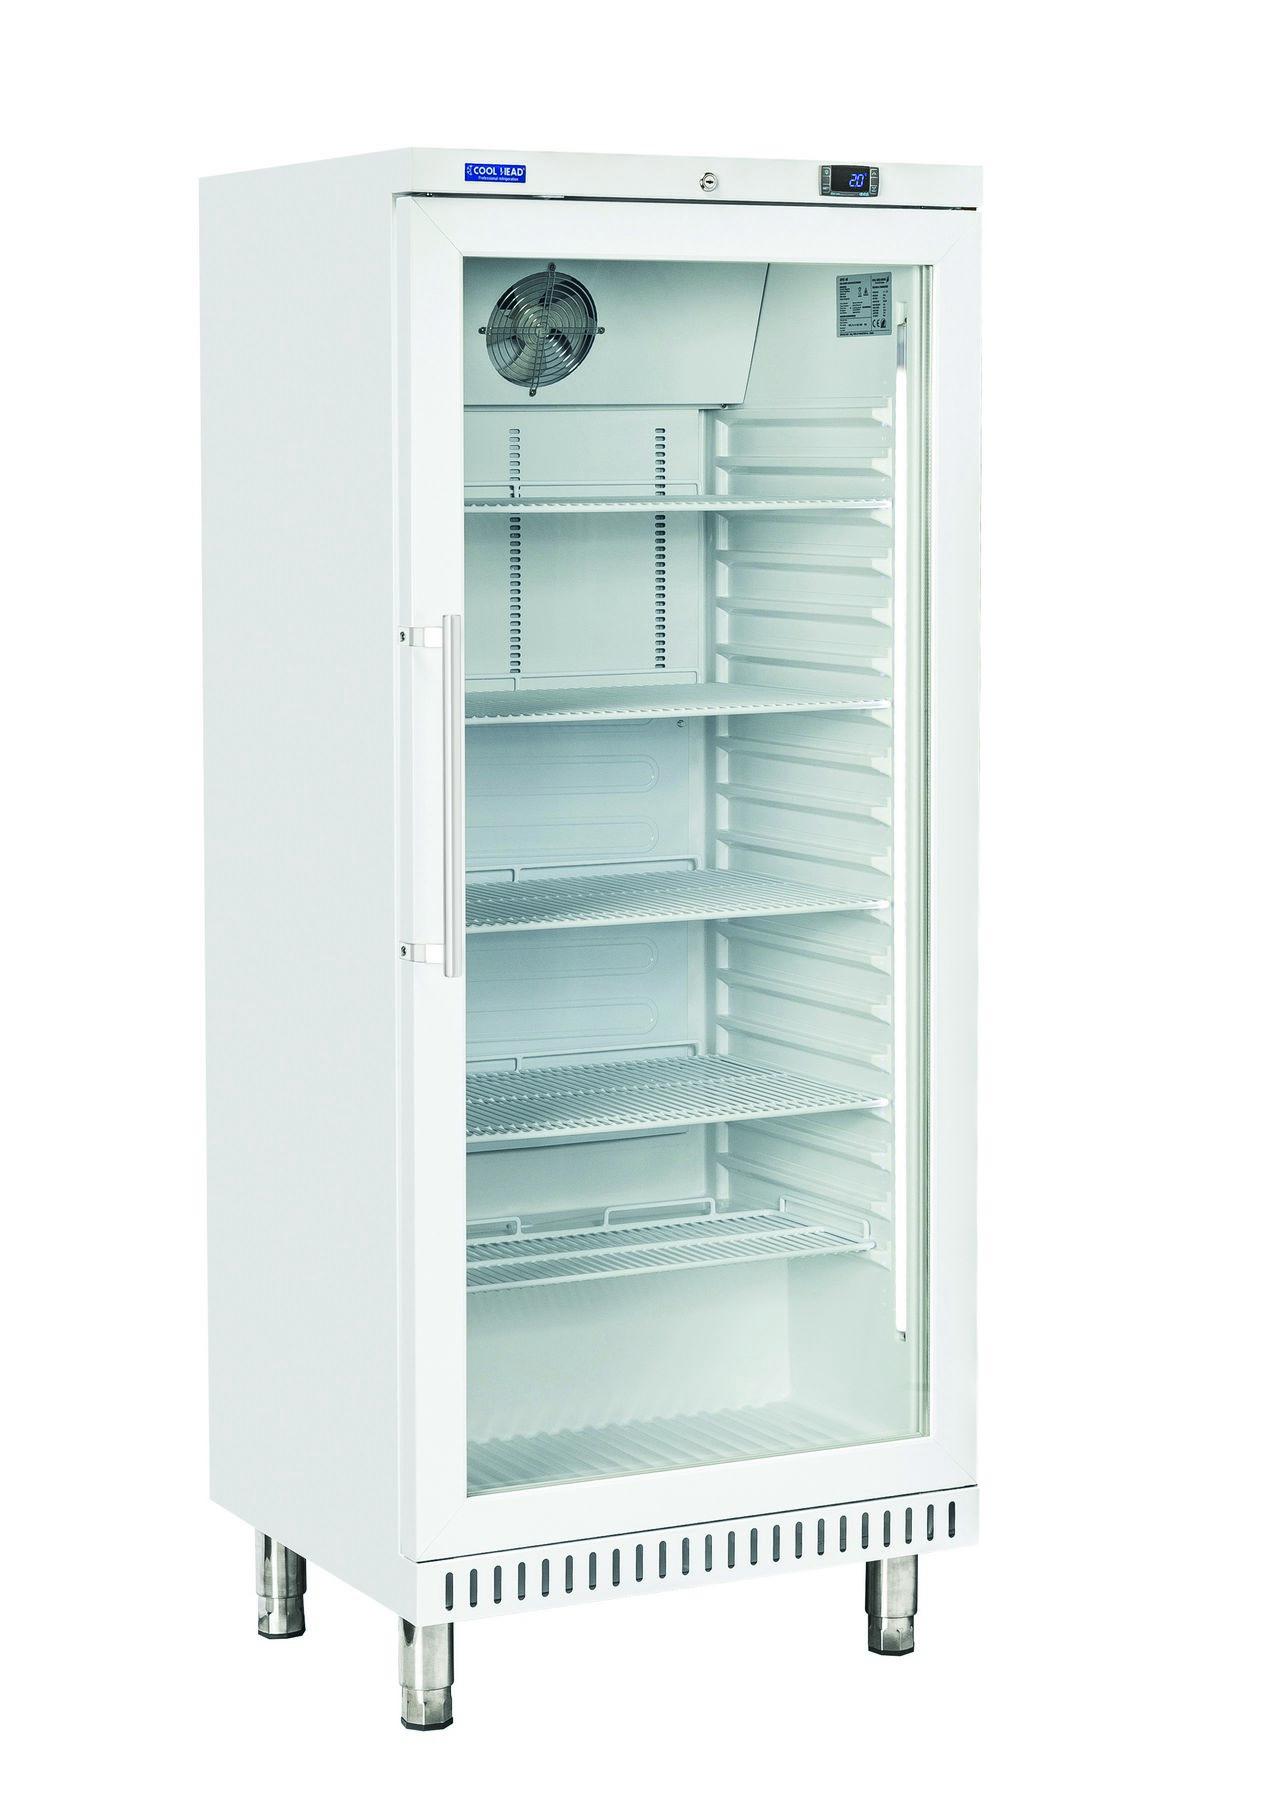 400 literes cukrászati hűtő, ventilációs hűtéssel, üveg ajtóval, fehér